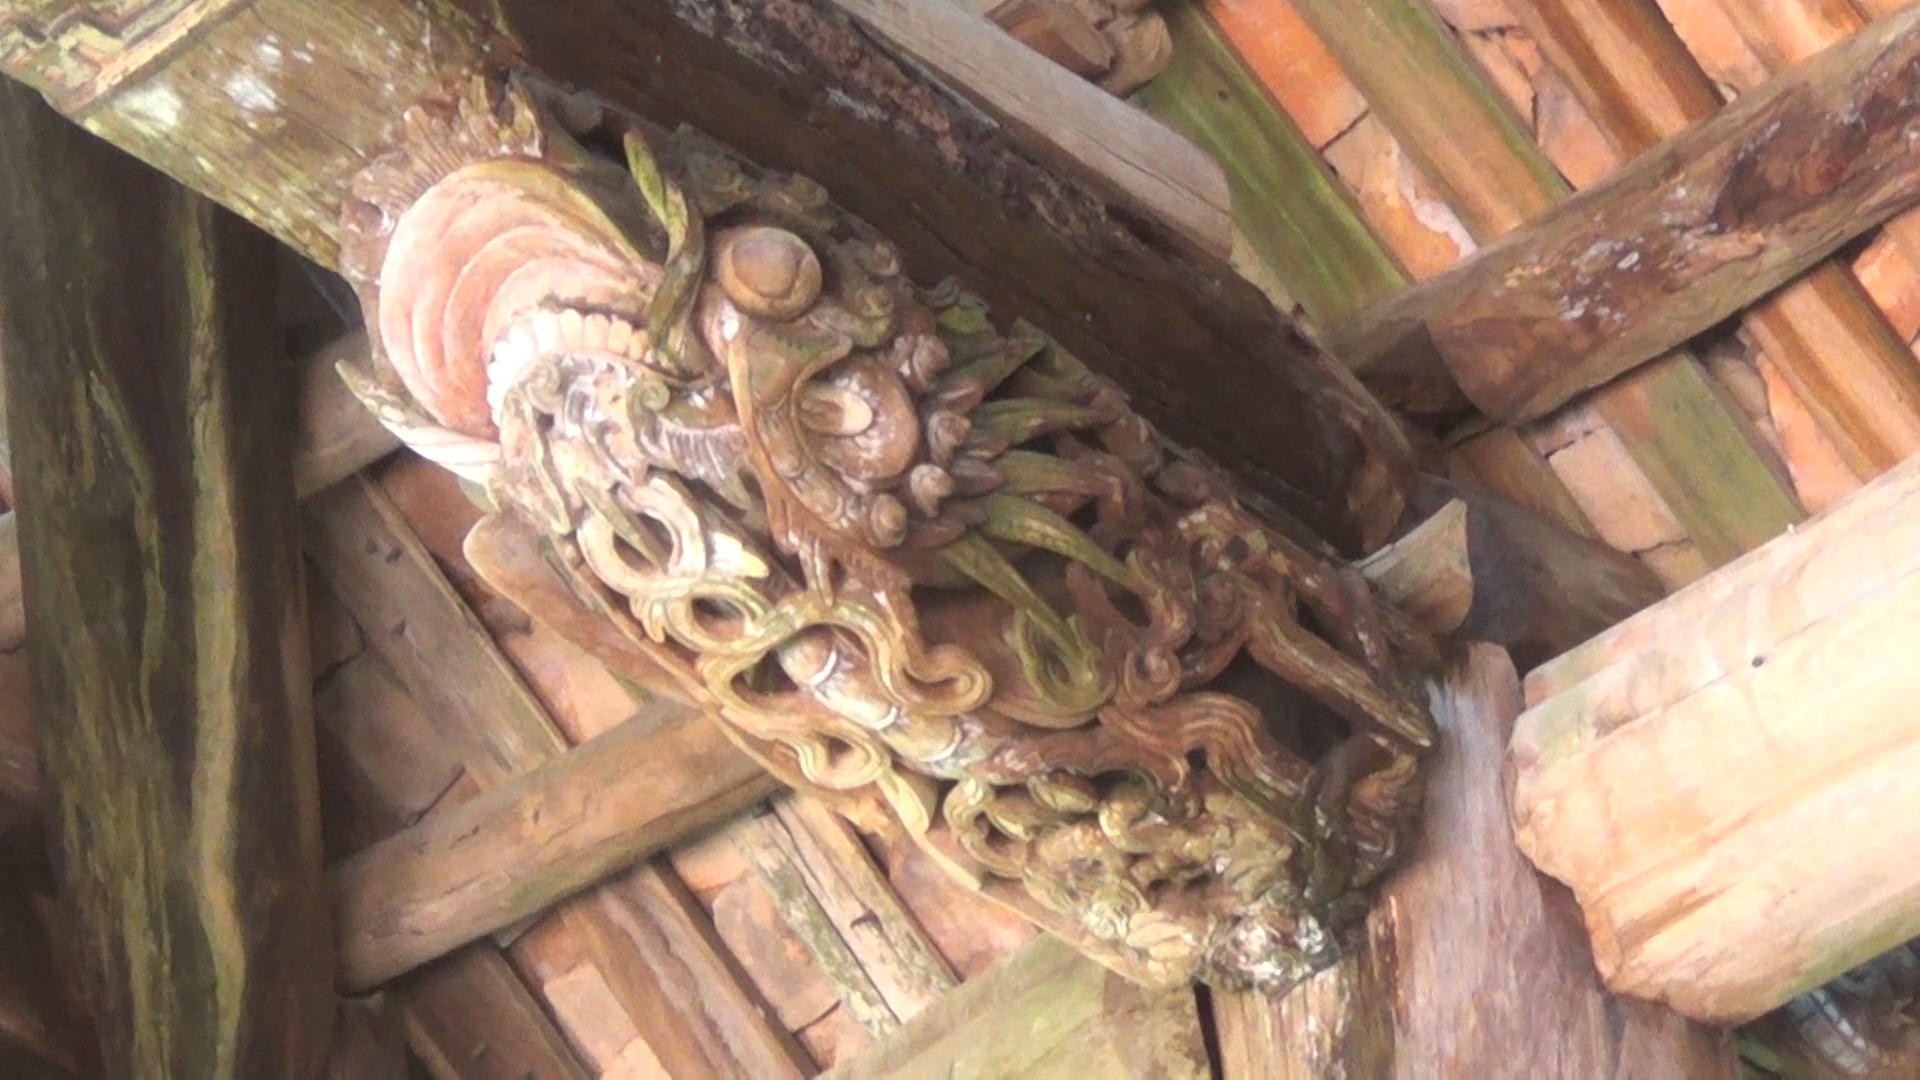 Đình Đình Chu là công trình kiến trúc cầu kỳ, chứa đựng nhiều chi tiết dậm dấu ấn lịch sử. Trong đình còn một số mảng điêu khắc cổ thời Nguyễn.